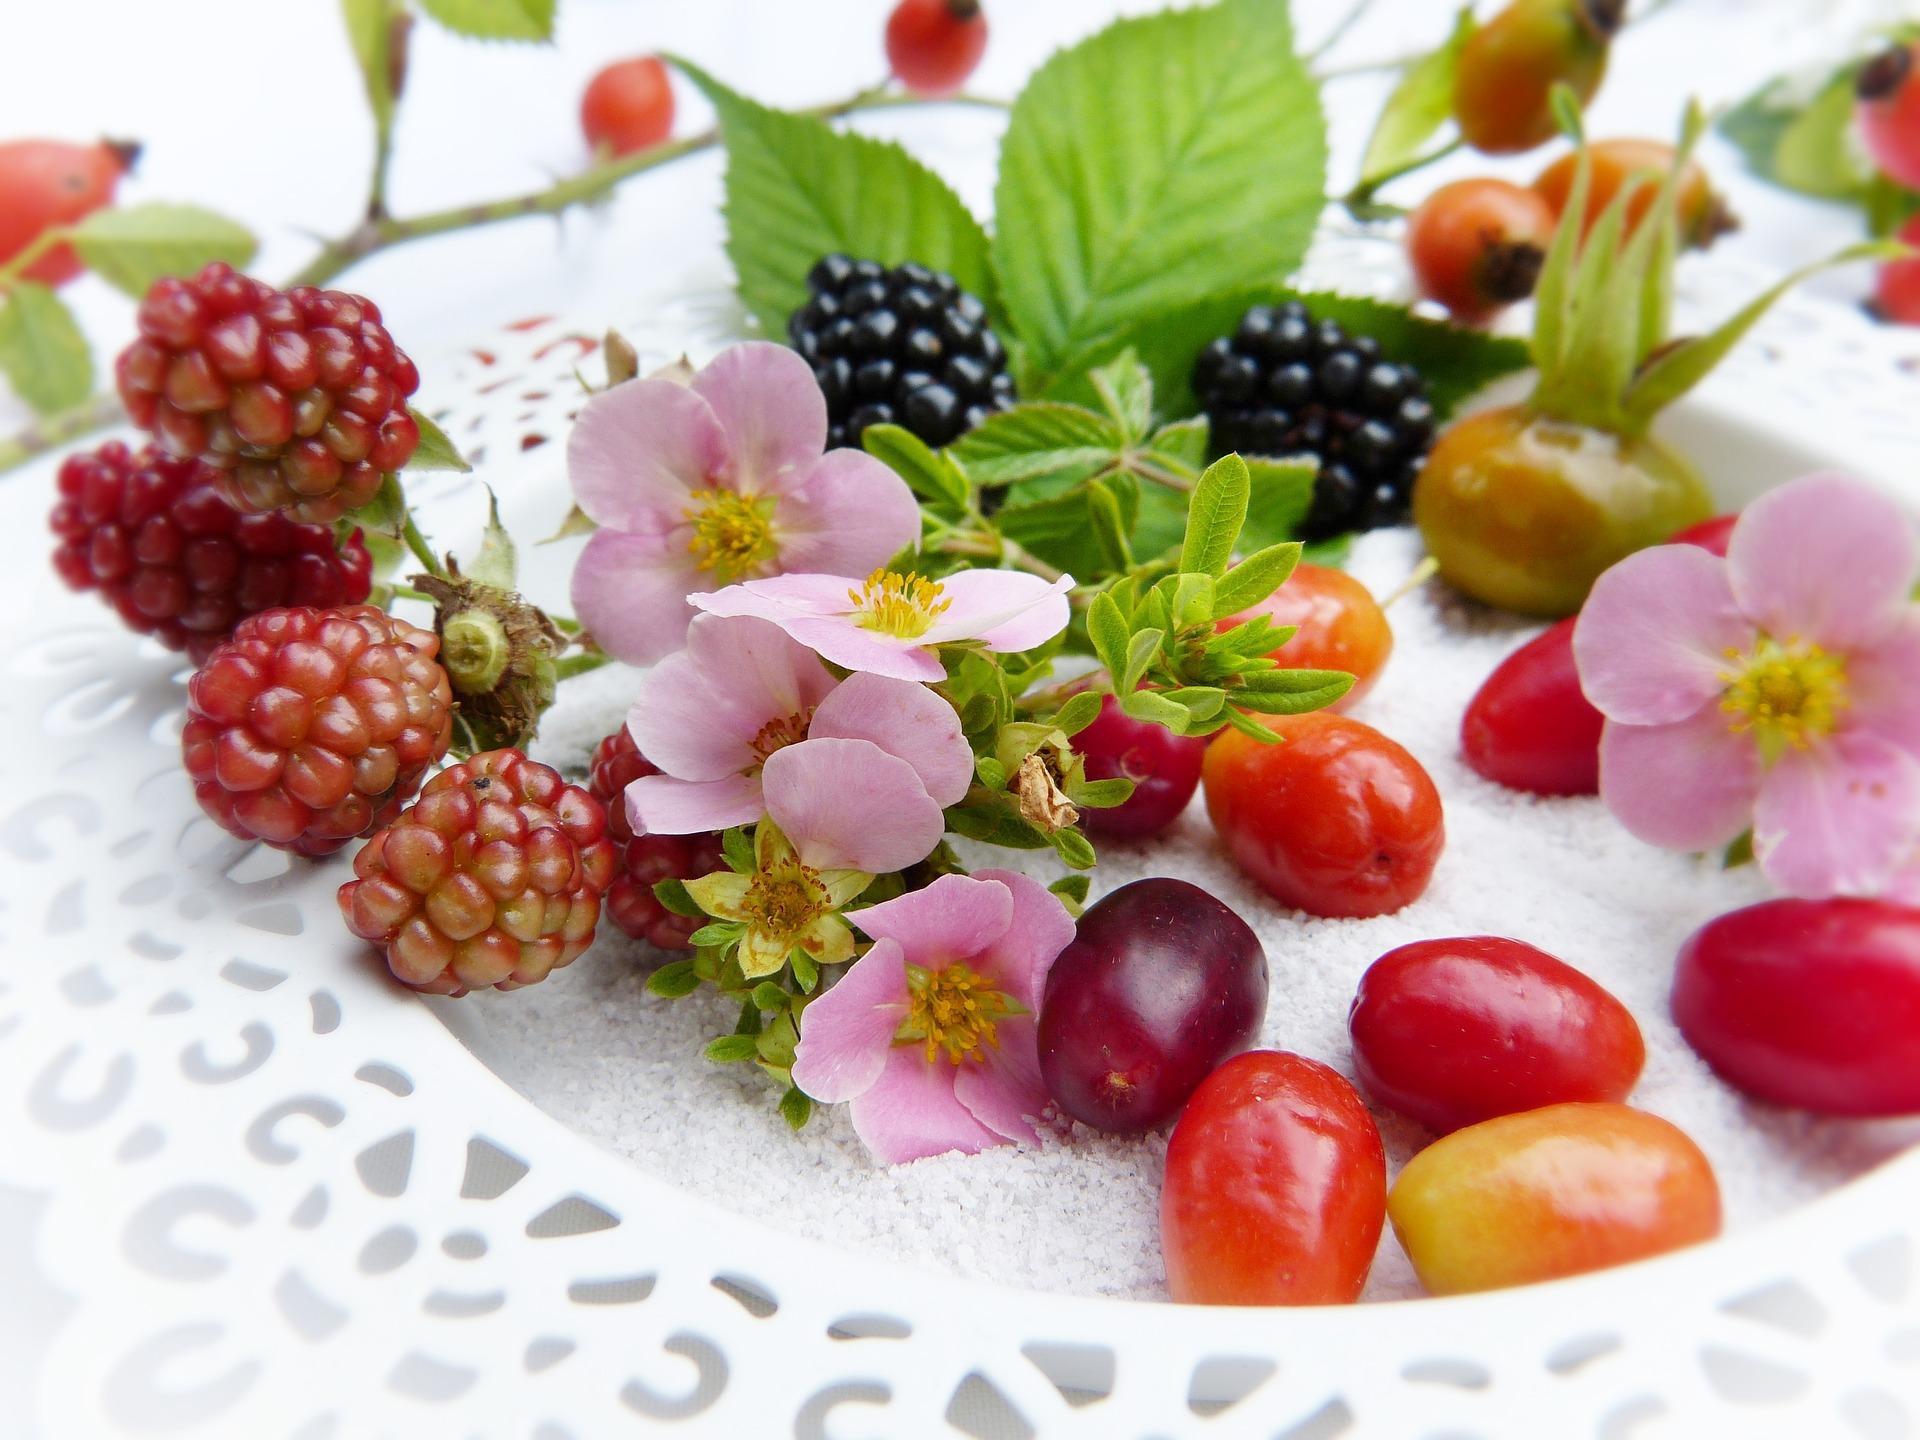 Malattie metaboliche e dieta macrobiotica Ma-Pi 2